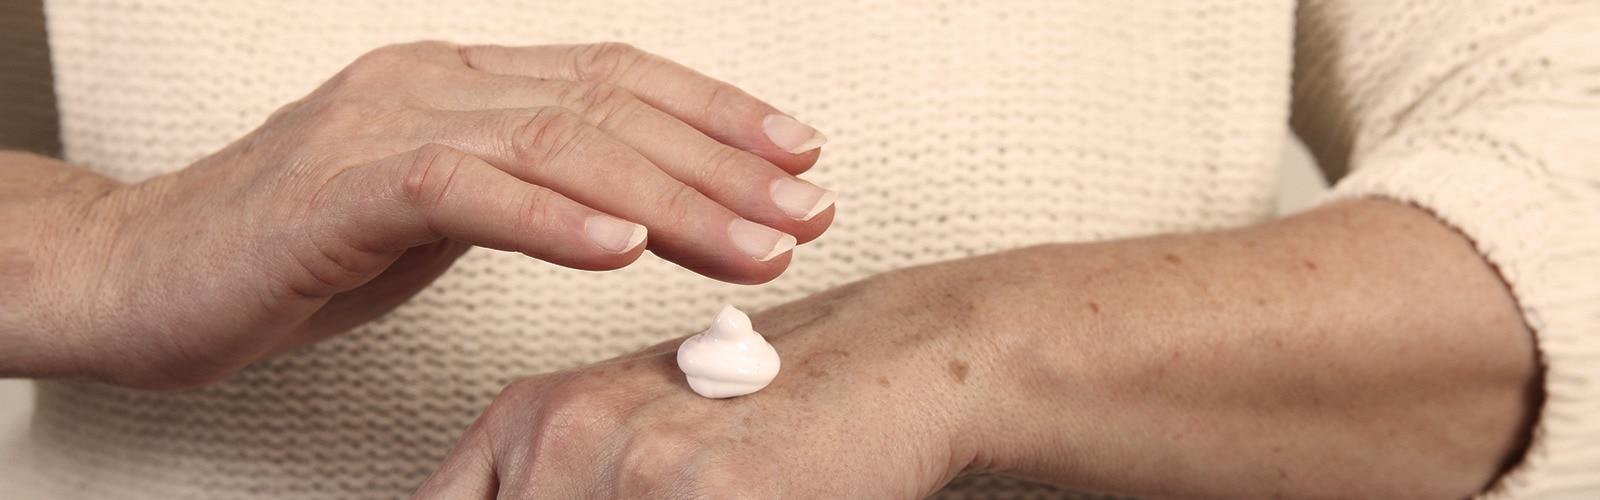 Ältere Frau trägt eine Feuchtigkeitscreme auf – bewahren Sie die Hautgesundheit Ihres Angehörigen